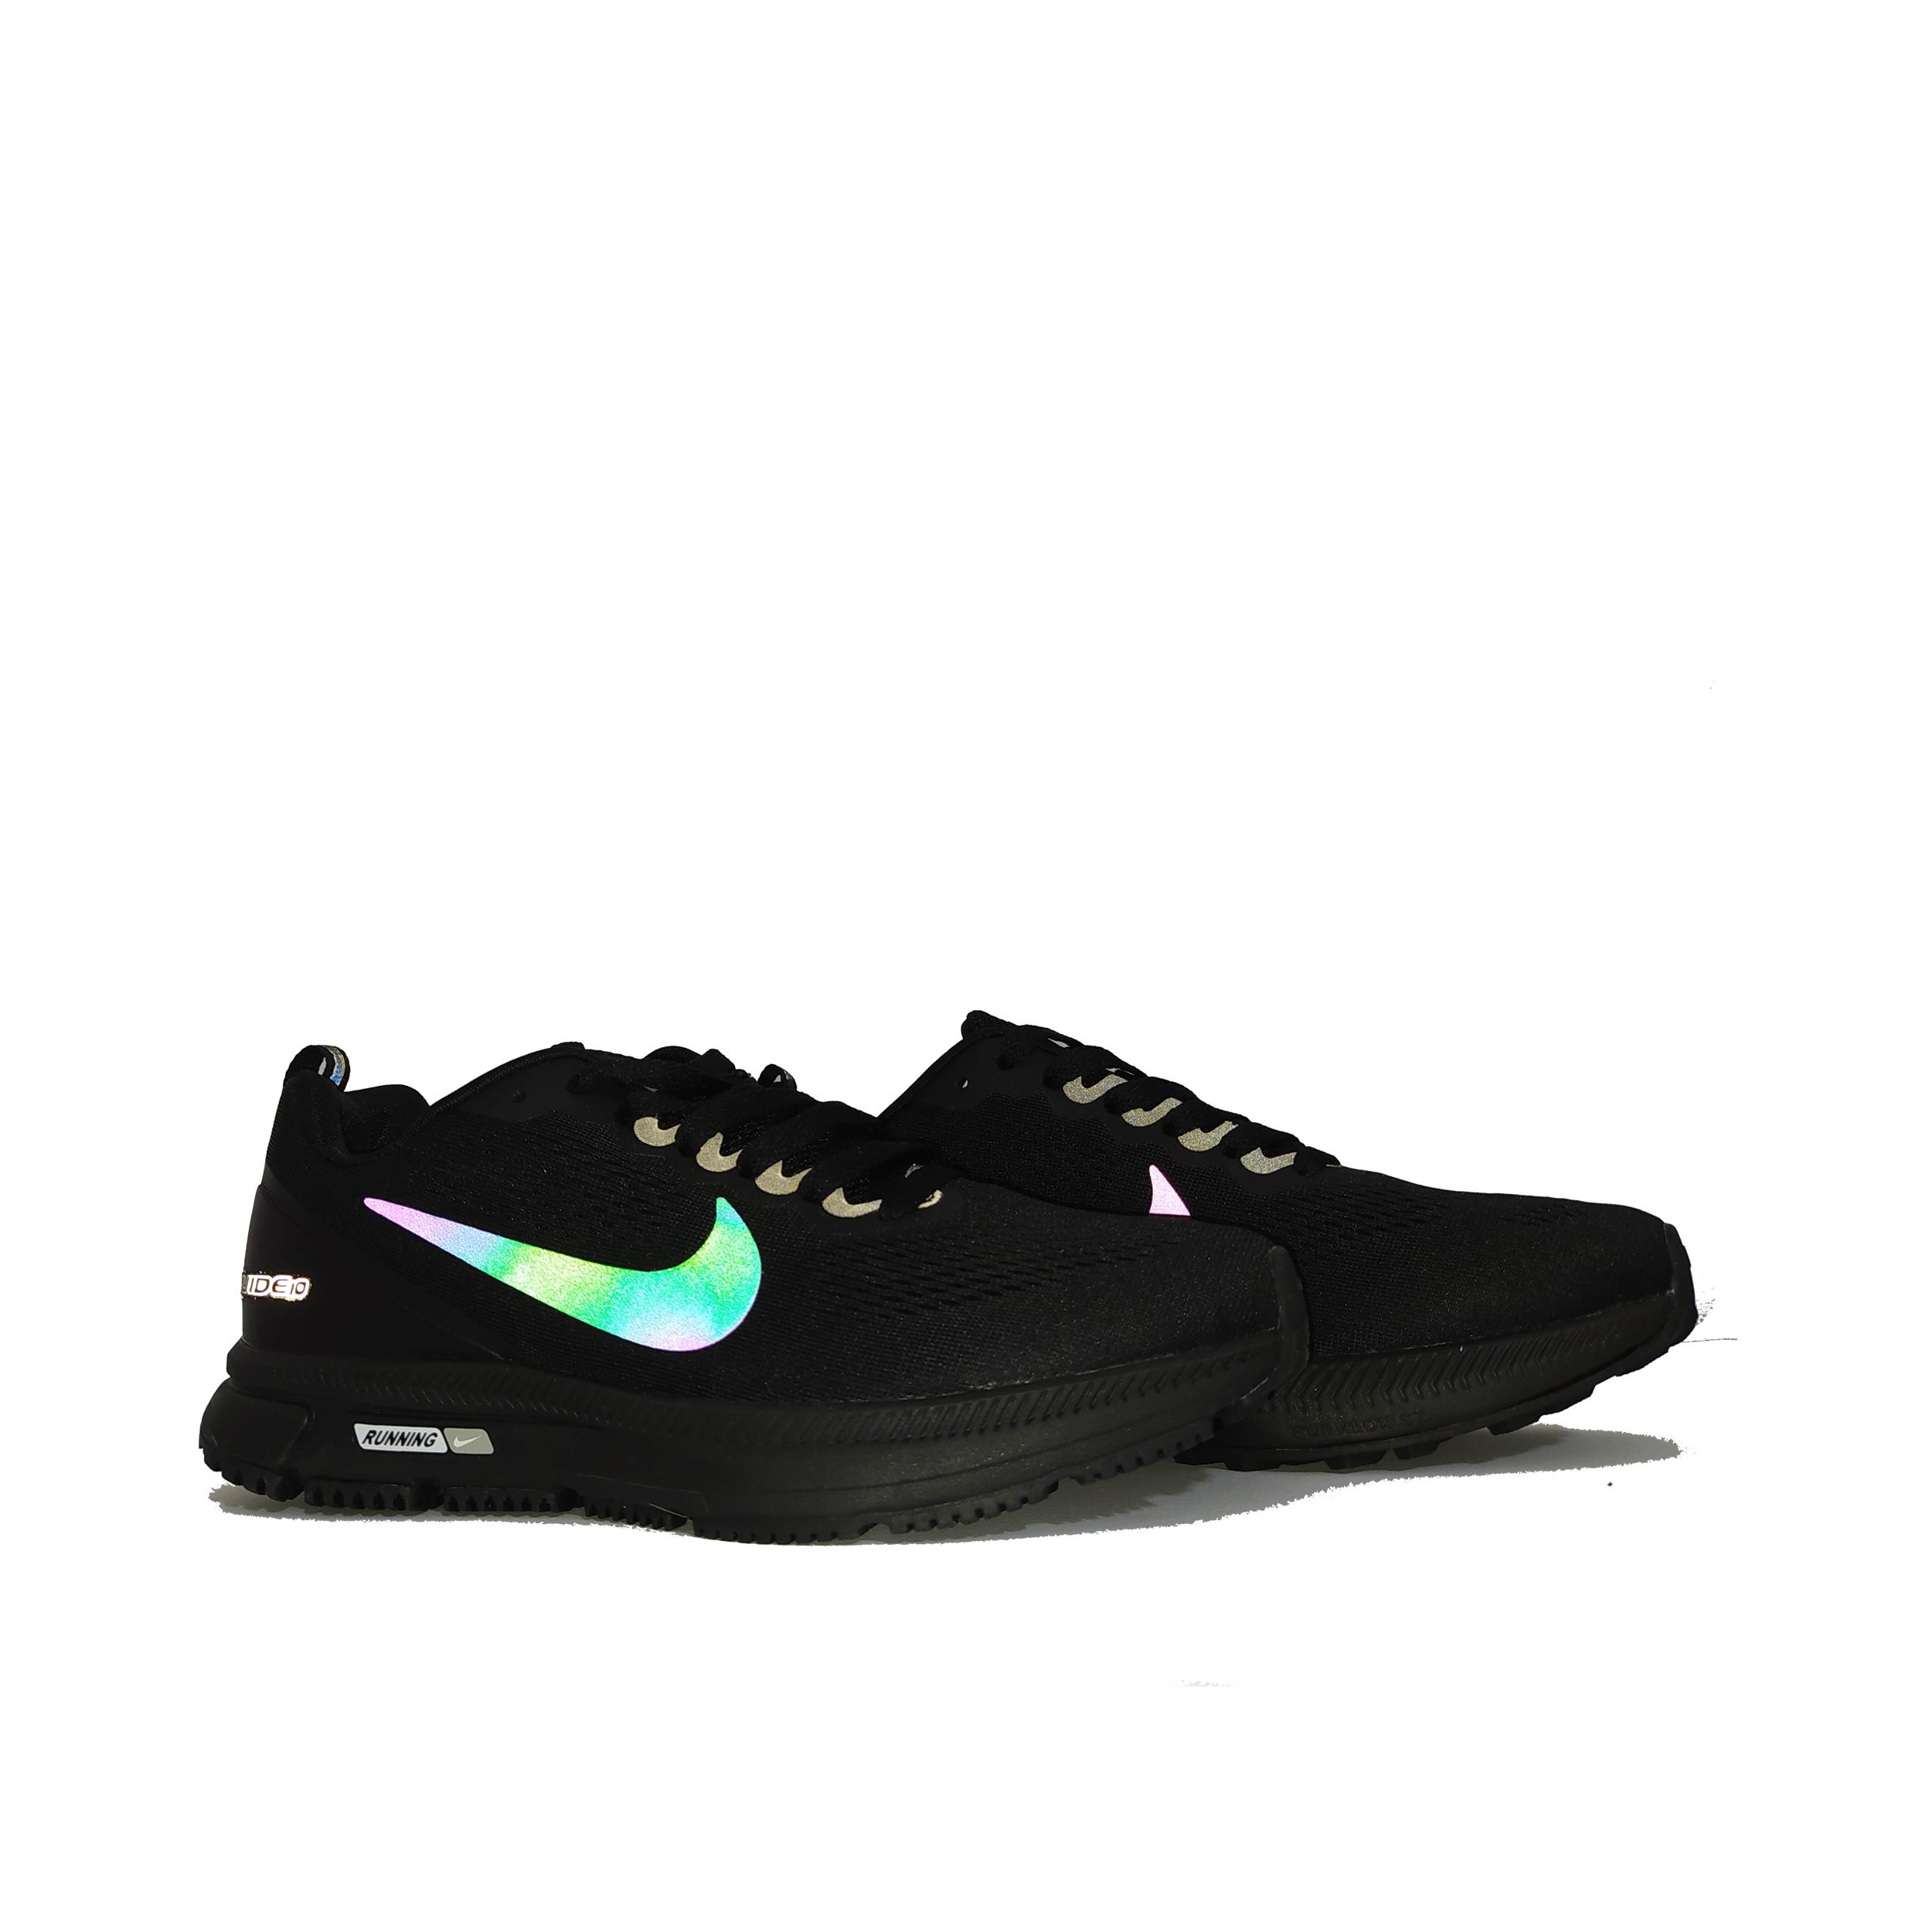 قیمت خرید کفش پیاده روی مردانه نایکی مدل RELENTLES S9 اورجینال